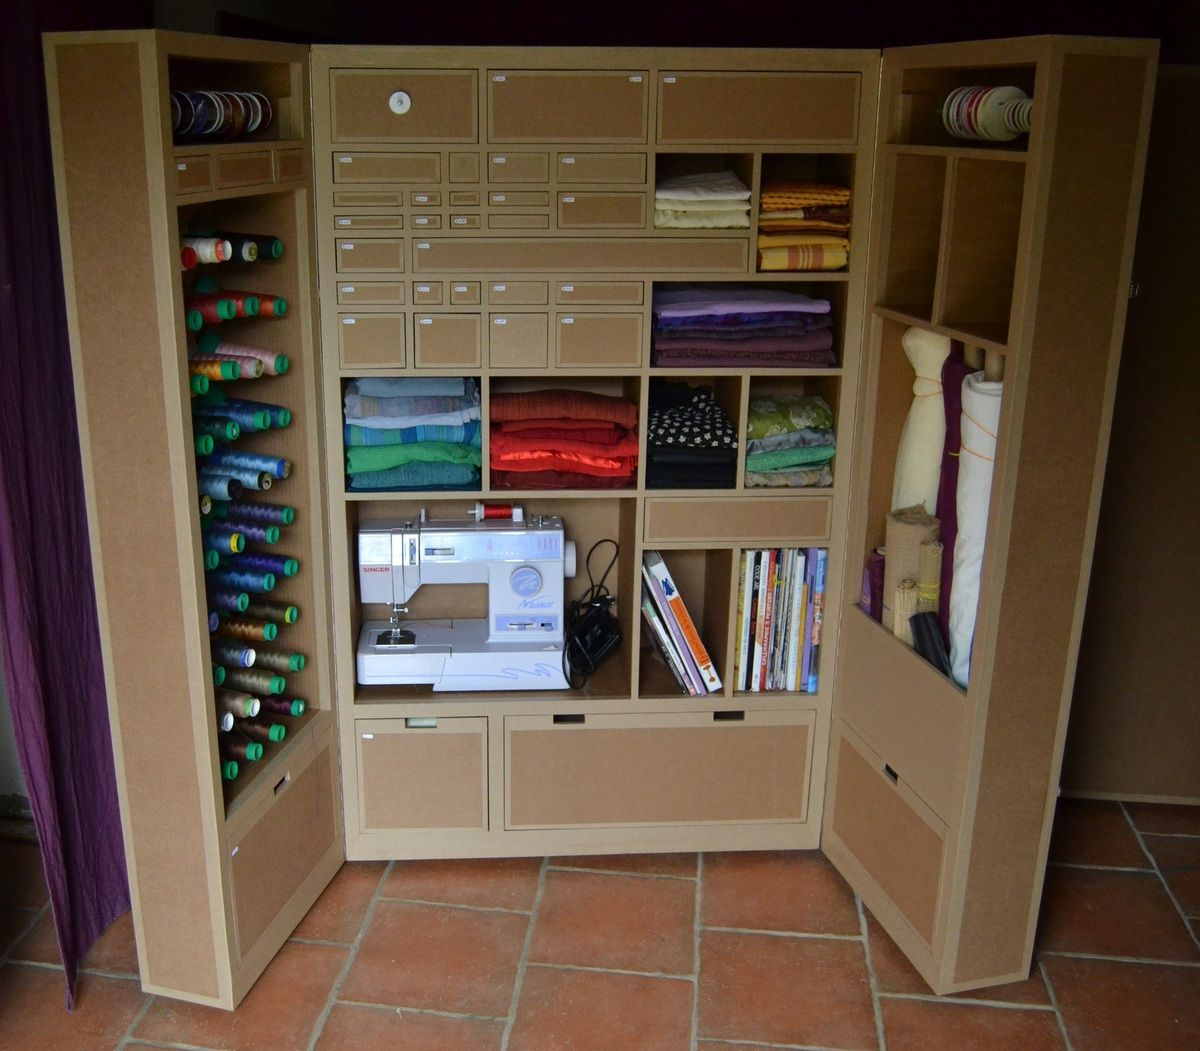 Armoire En Carton Pour Materiel D Atelier Creatif Sg Mobilier Carton Angers Armoire Atelier Meubles En Carton Mobilier En Carton